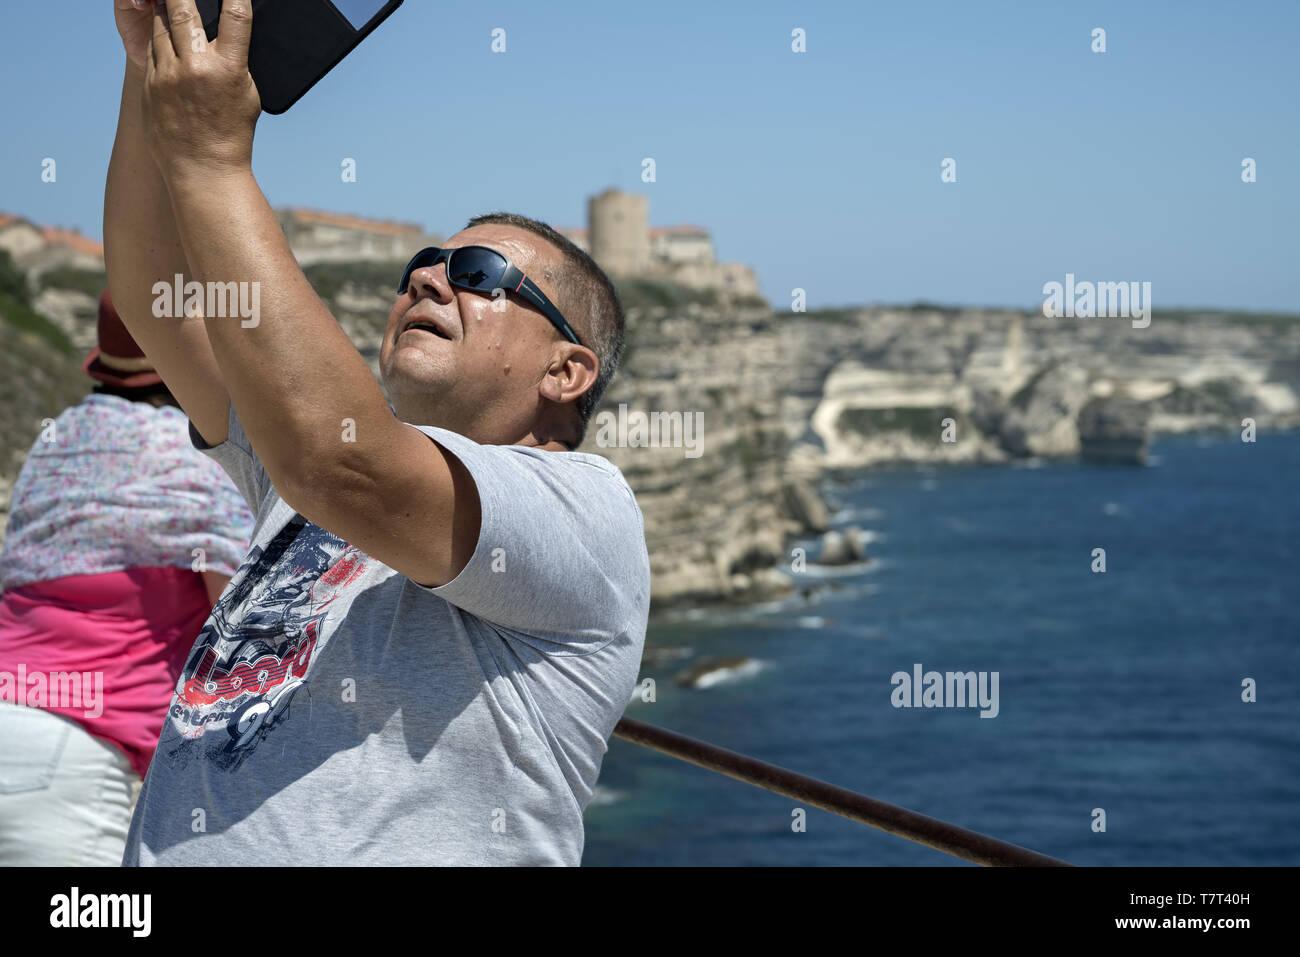 Man on holidays making selfie on the background of the cliff coast. Mann im Urlaub, der selfie auf dem Hintergrund einer Klippenküste macht. Mężczyzna - Stock Image